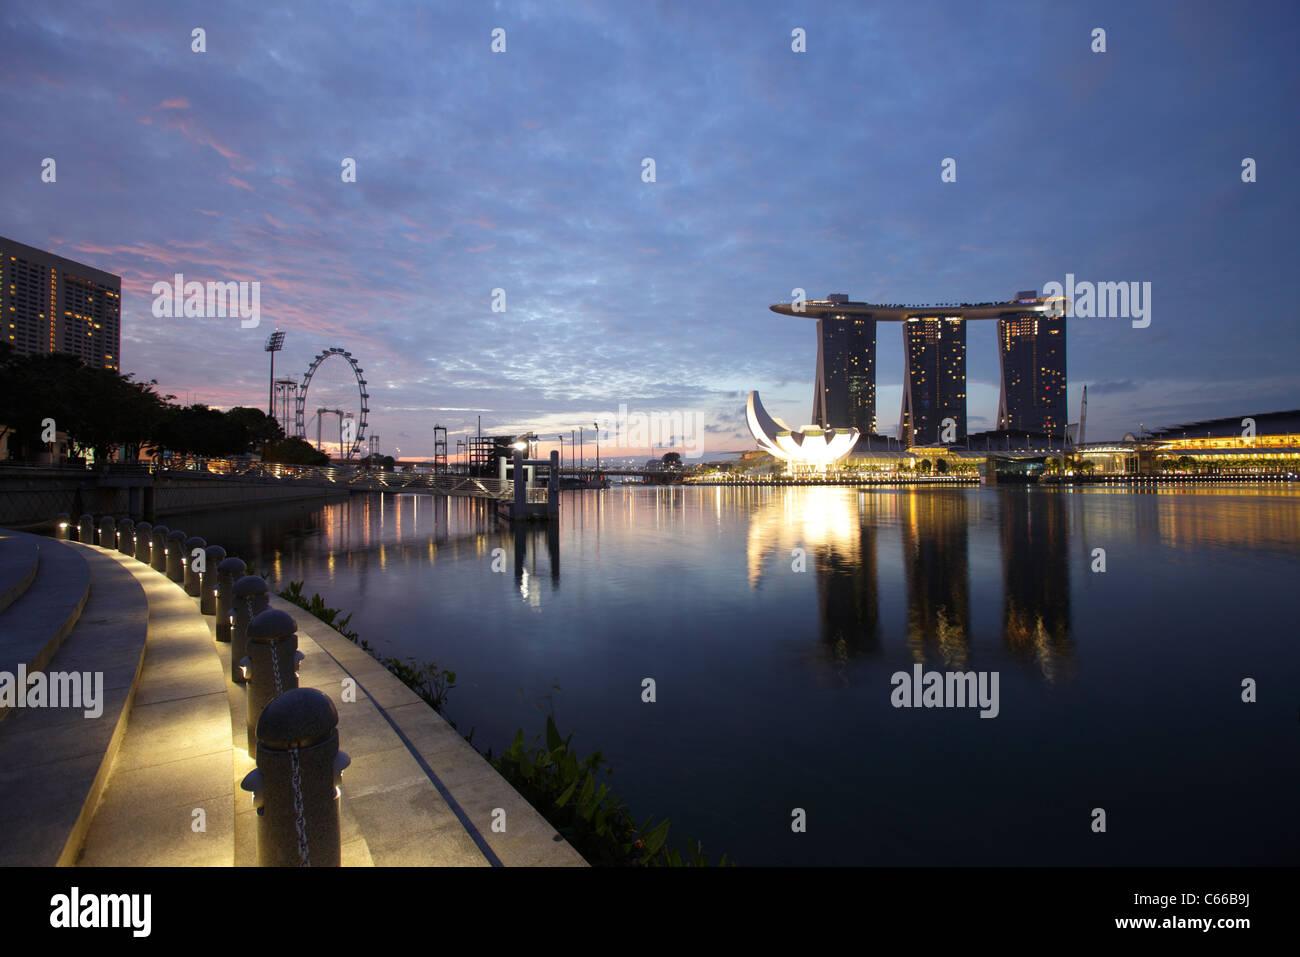 Vista de la bahía y la Marina Bay Sand Hotel, Singapur Imagen De Stock